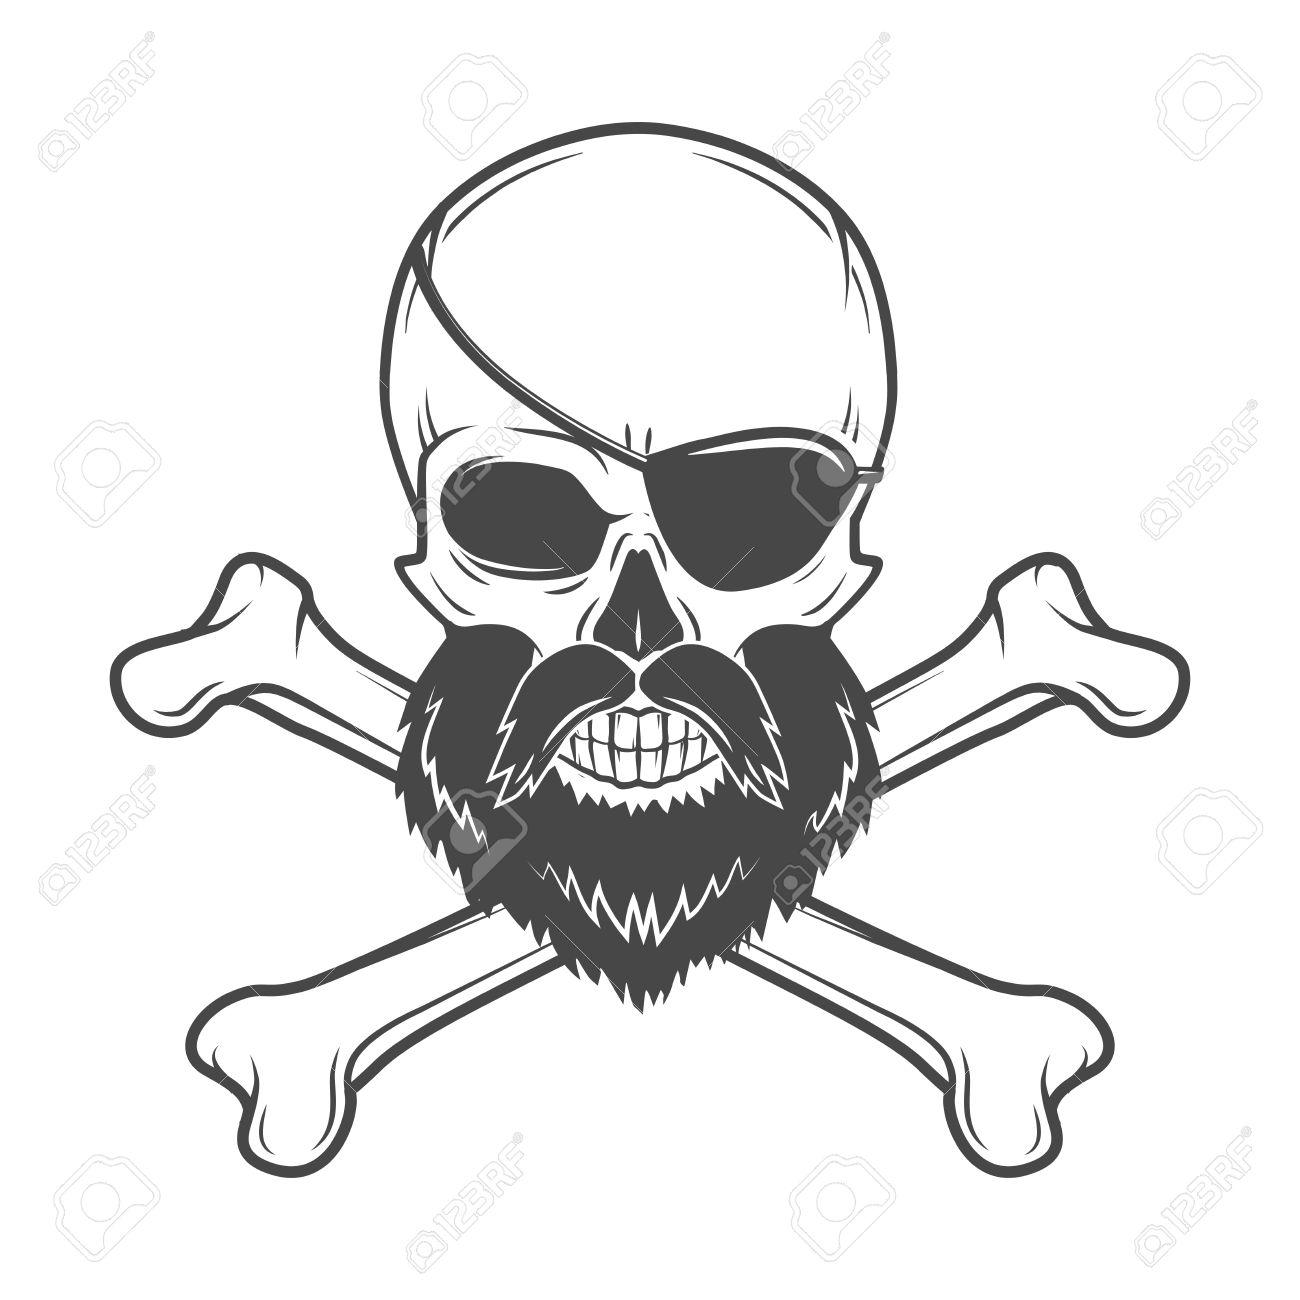 Cráneo Del Pirata Con La Barba, Parche En El Ojo Y Huesos Cruzados ...